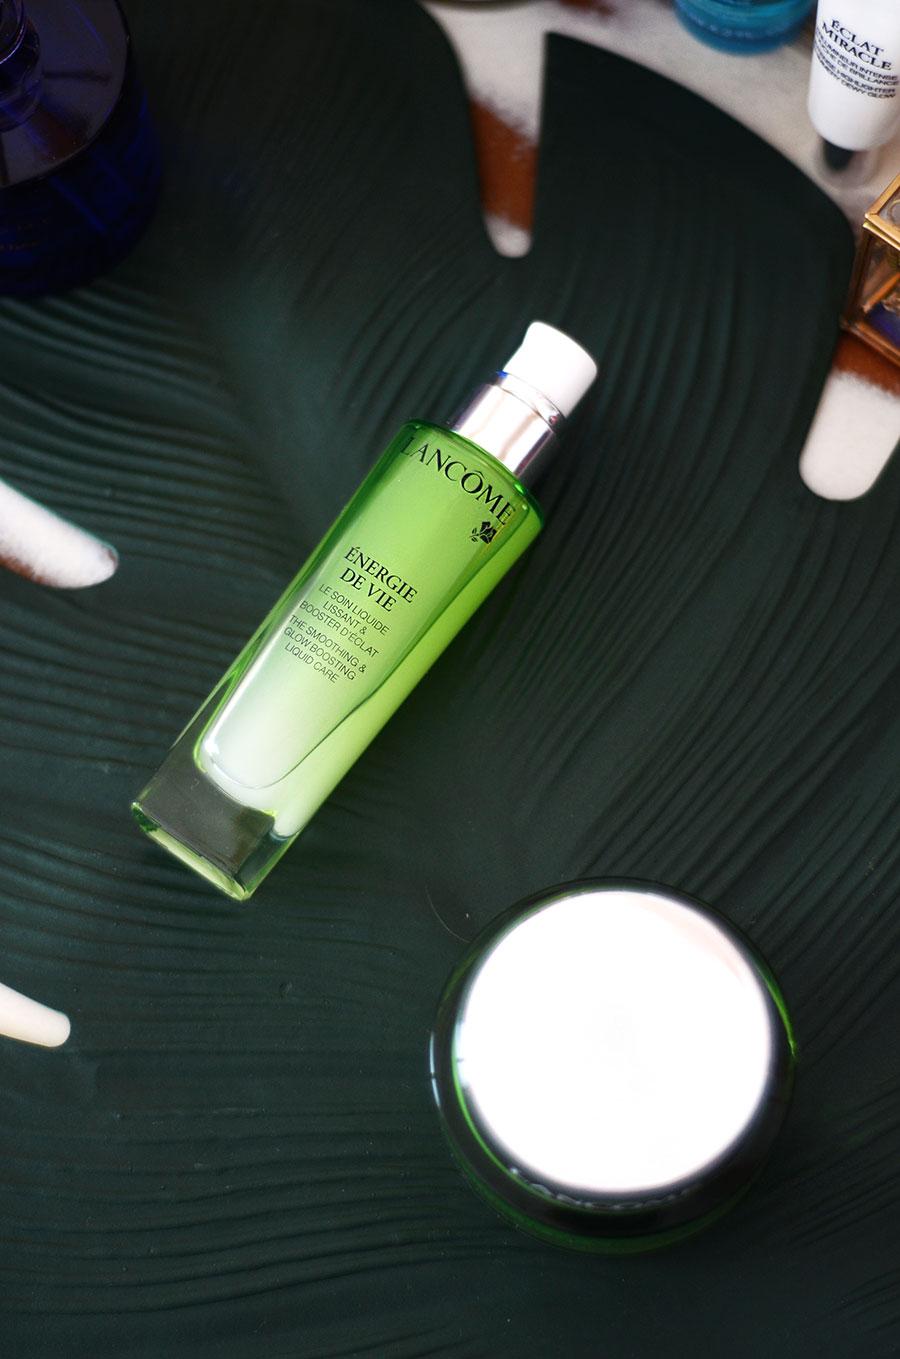 Lancome-Energie-de-Vie-Zoe-Newlove-beauty-blogger-review